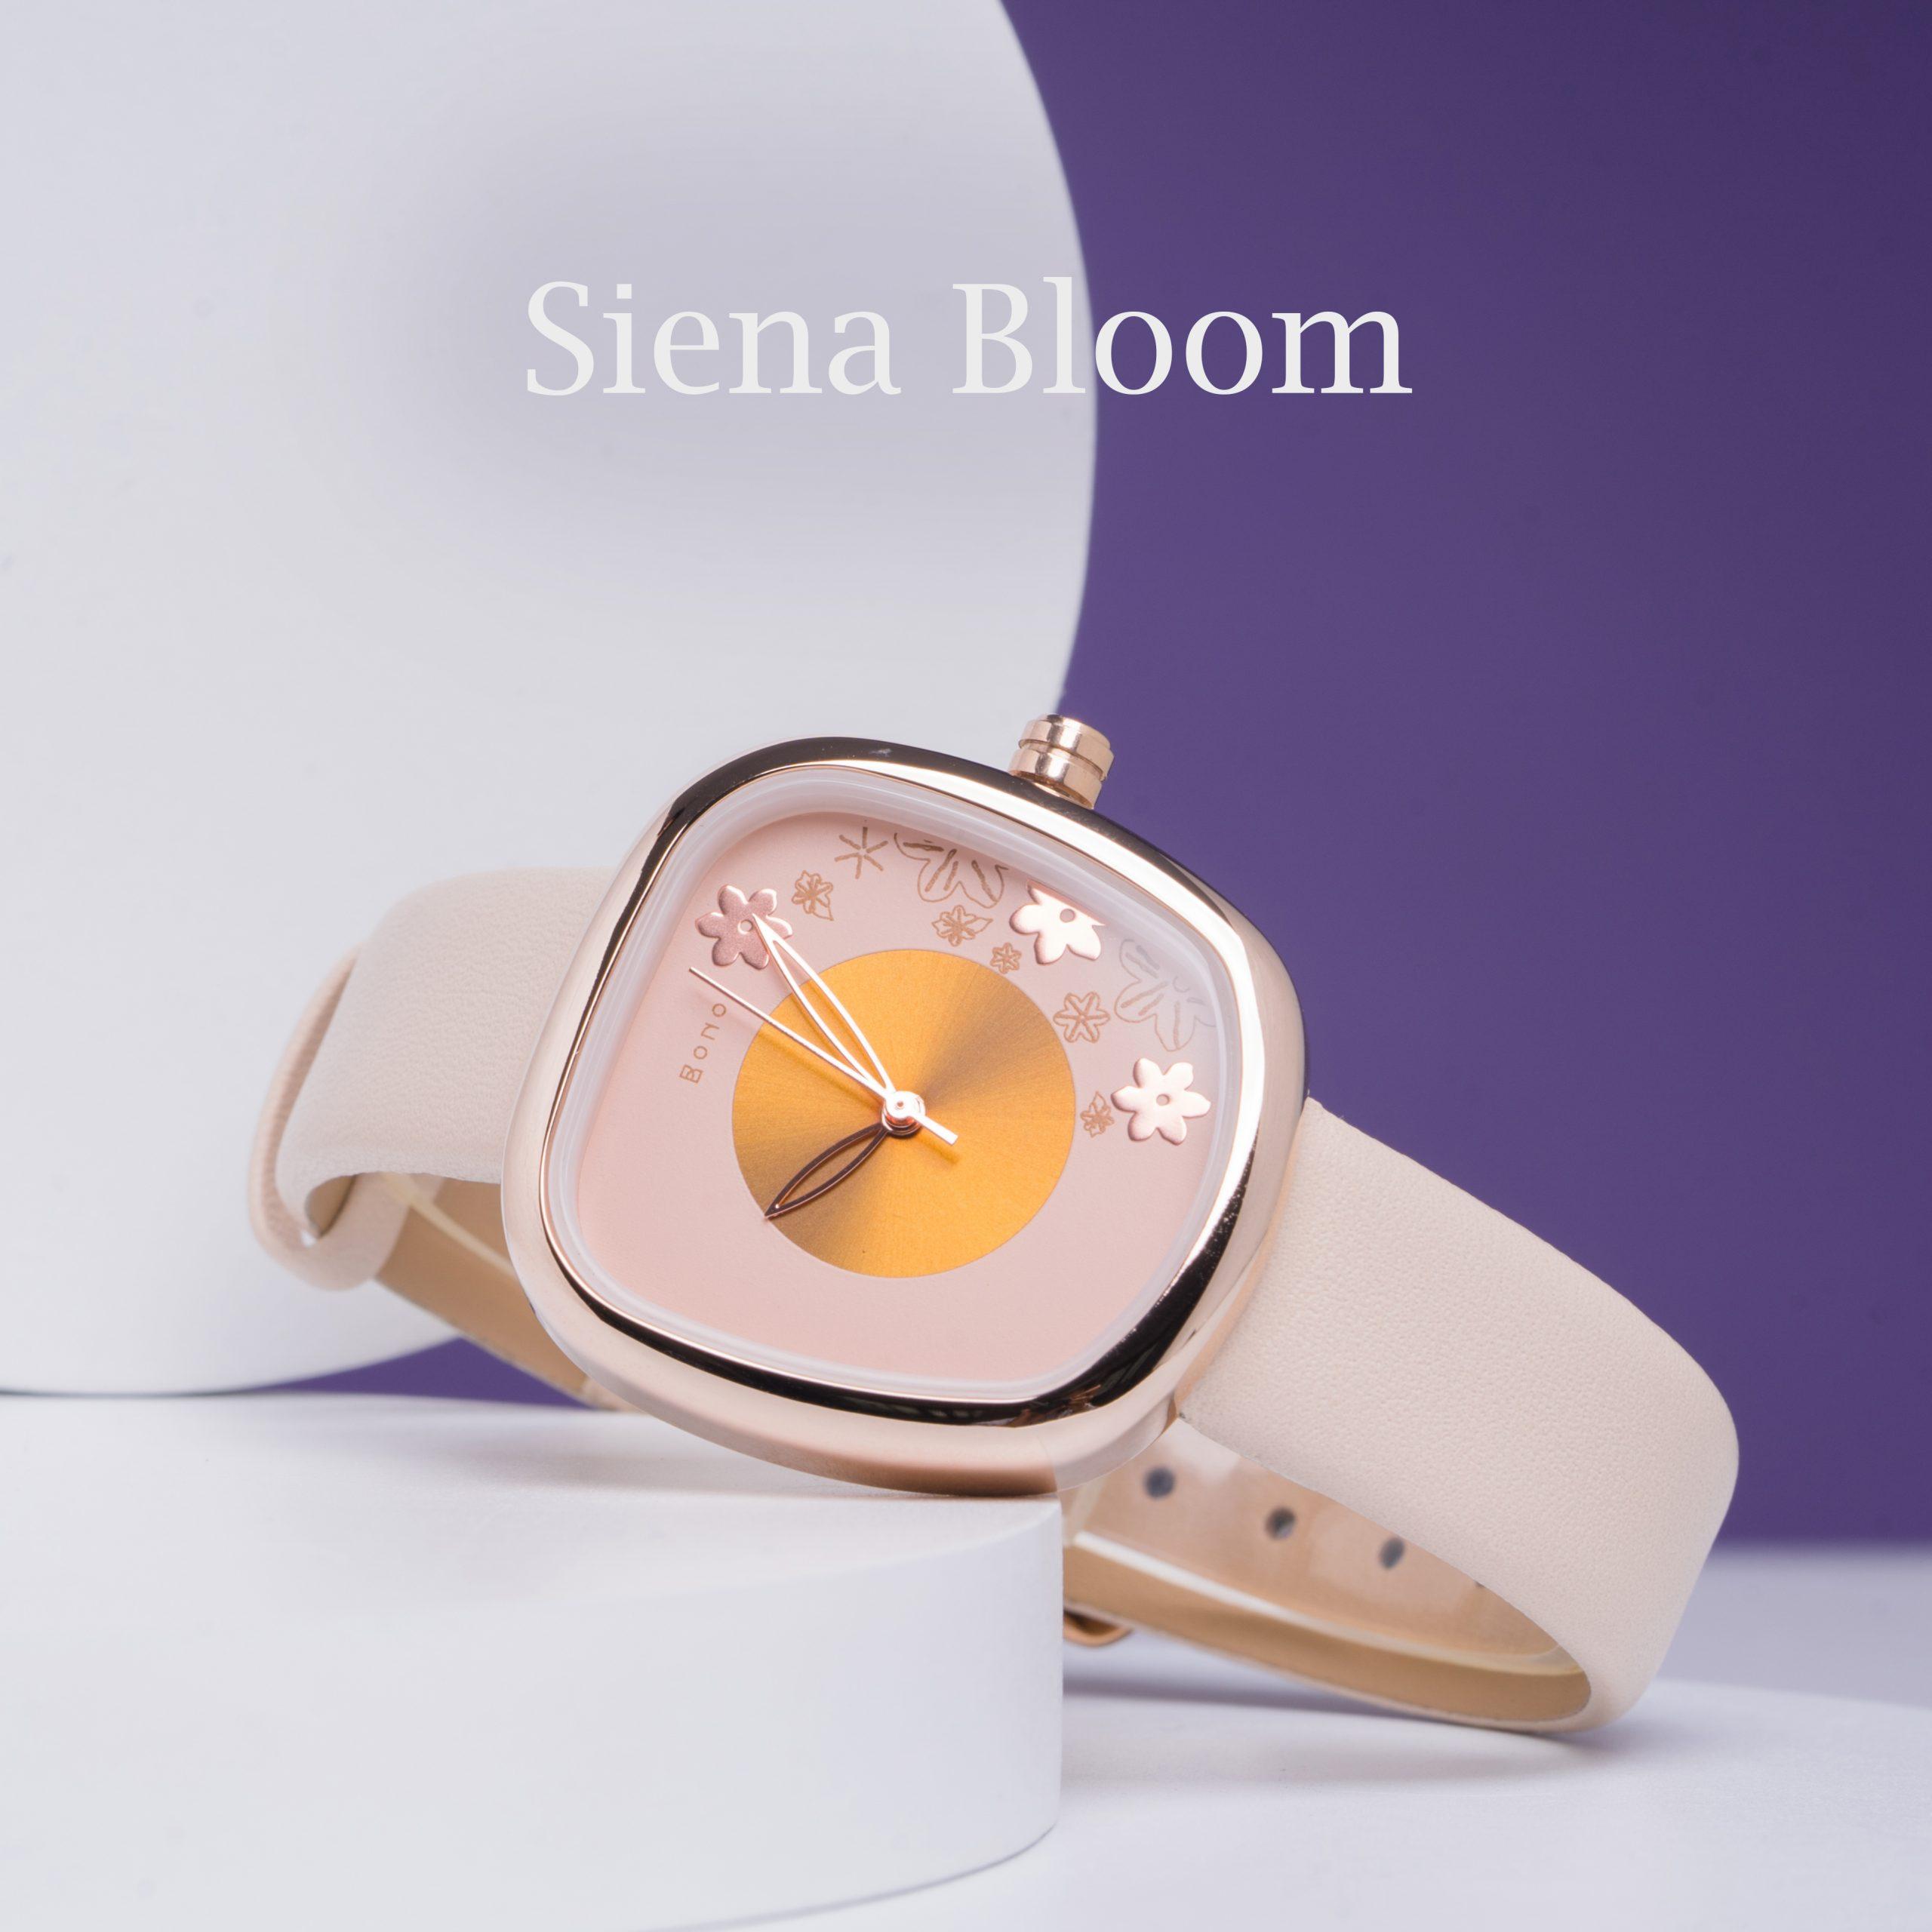 Siena Bloom